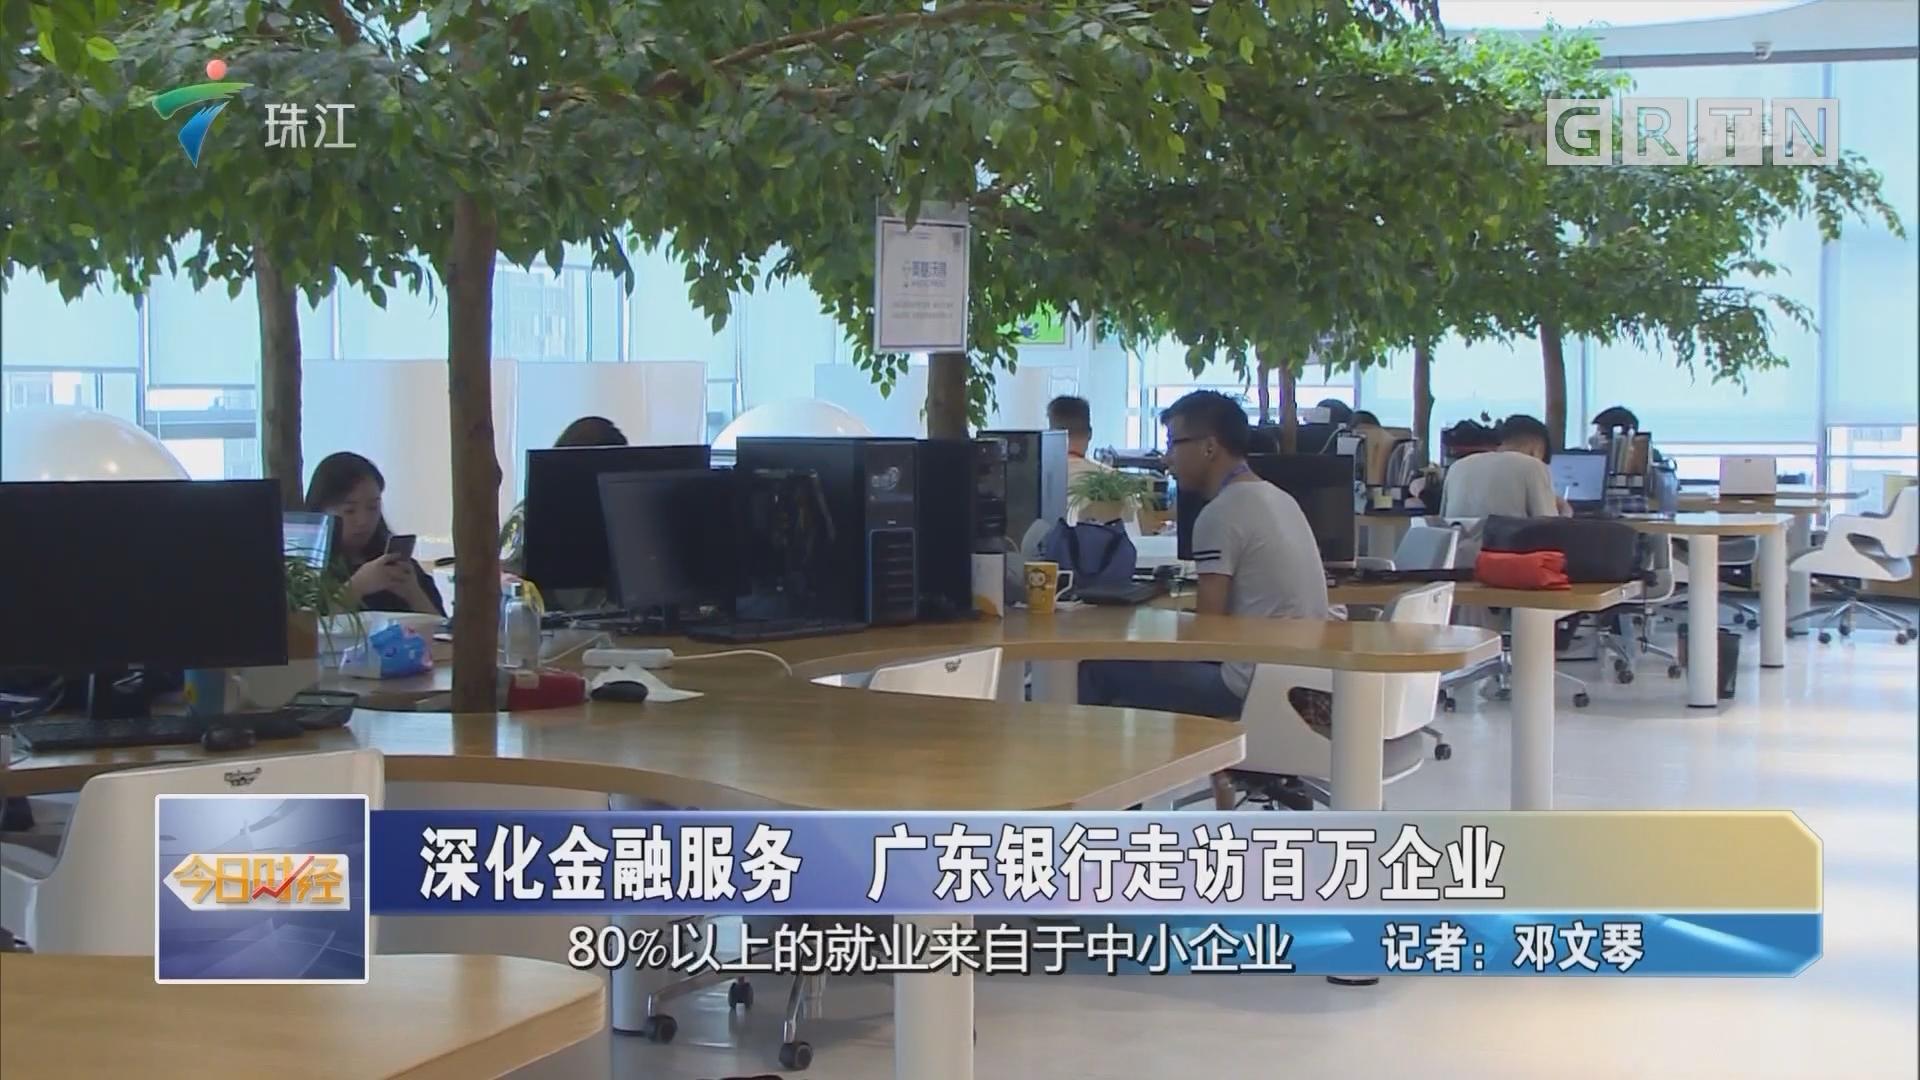 深化金融服务 广东银行走访百万企业